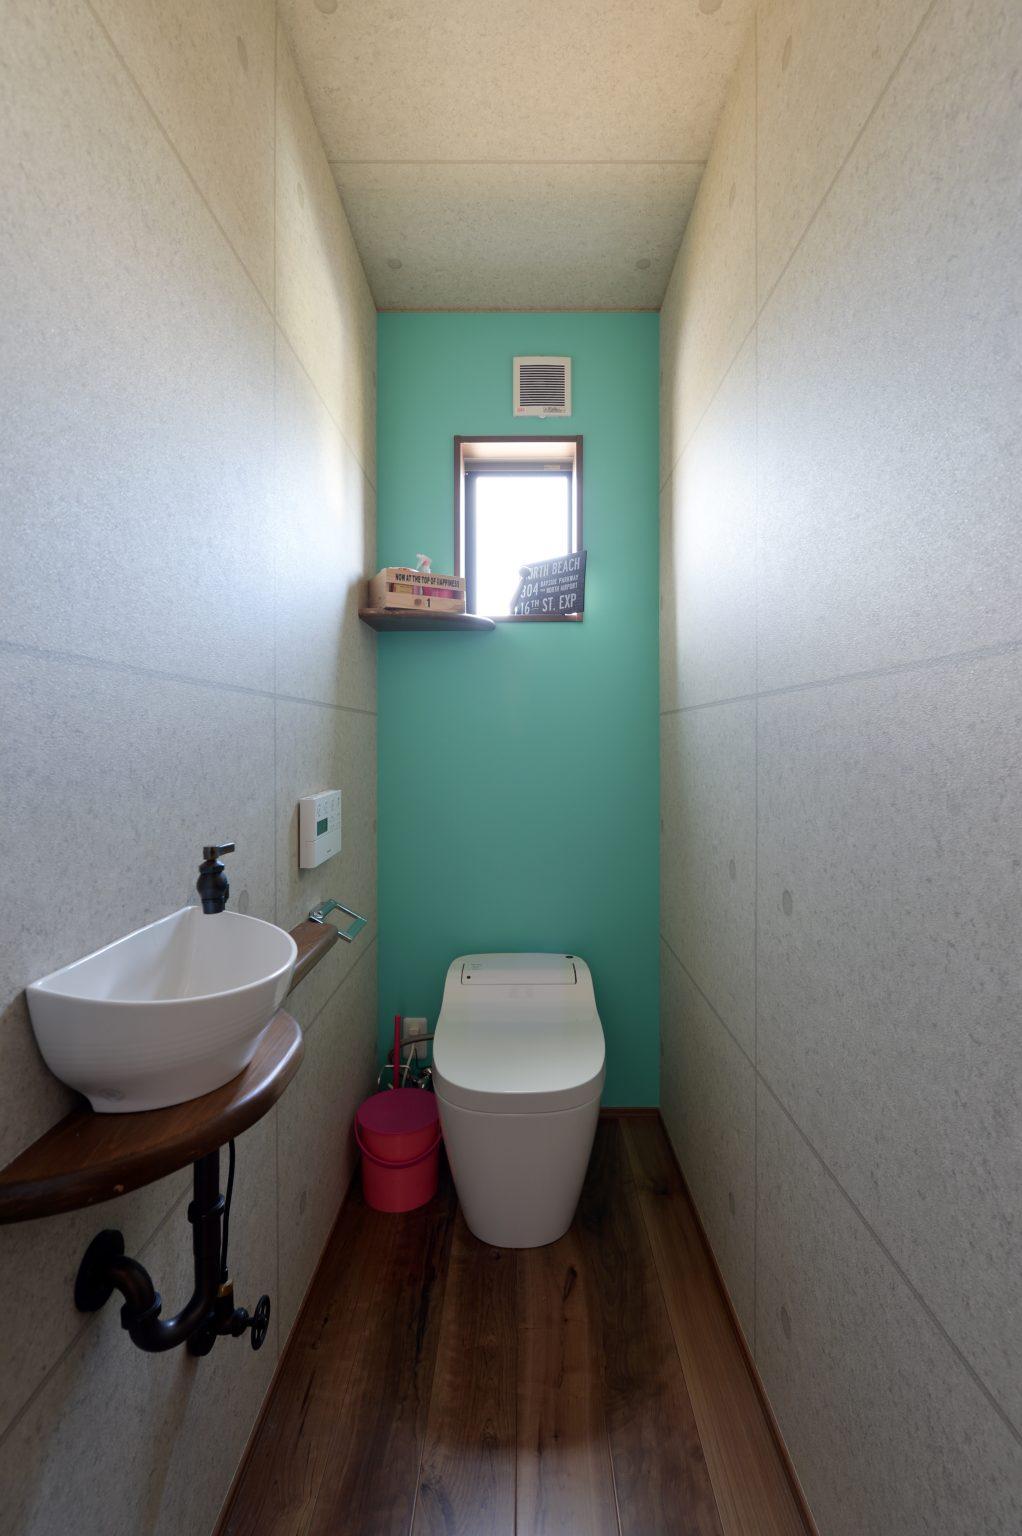 【トイレ】4-1022x1536